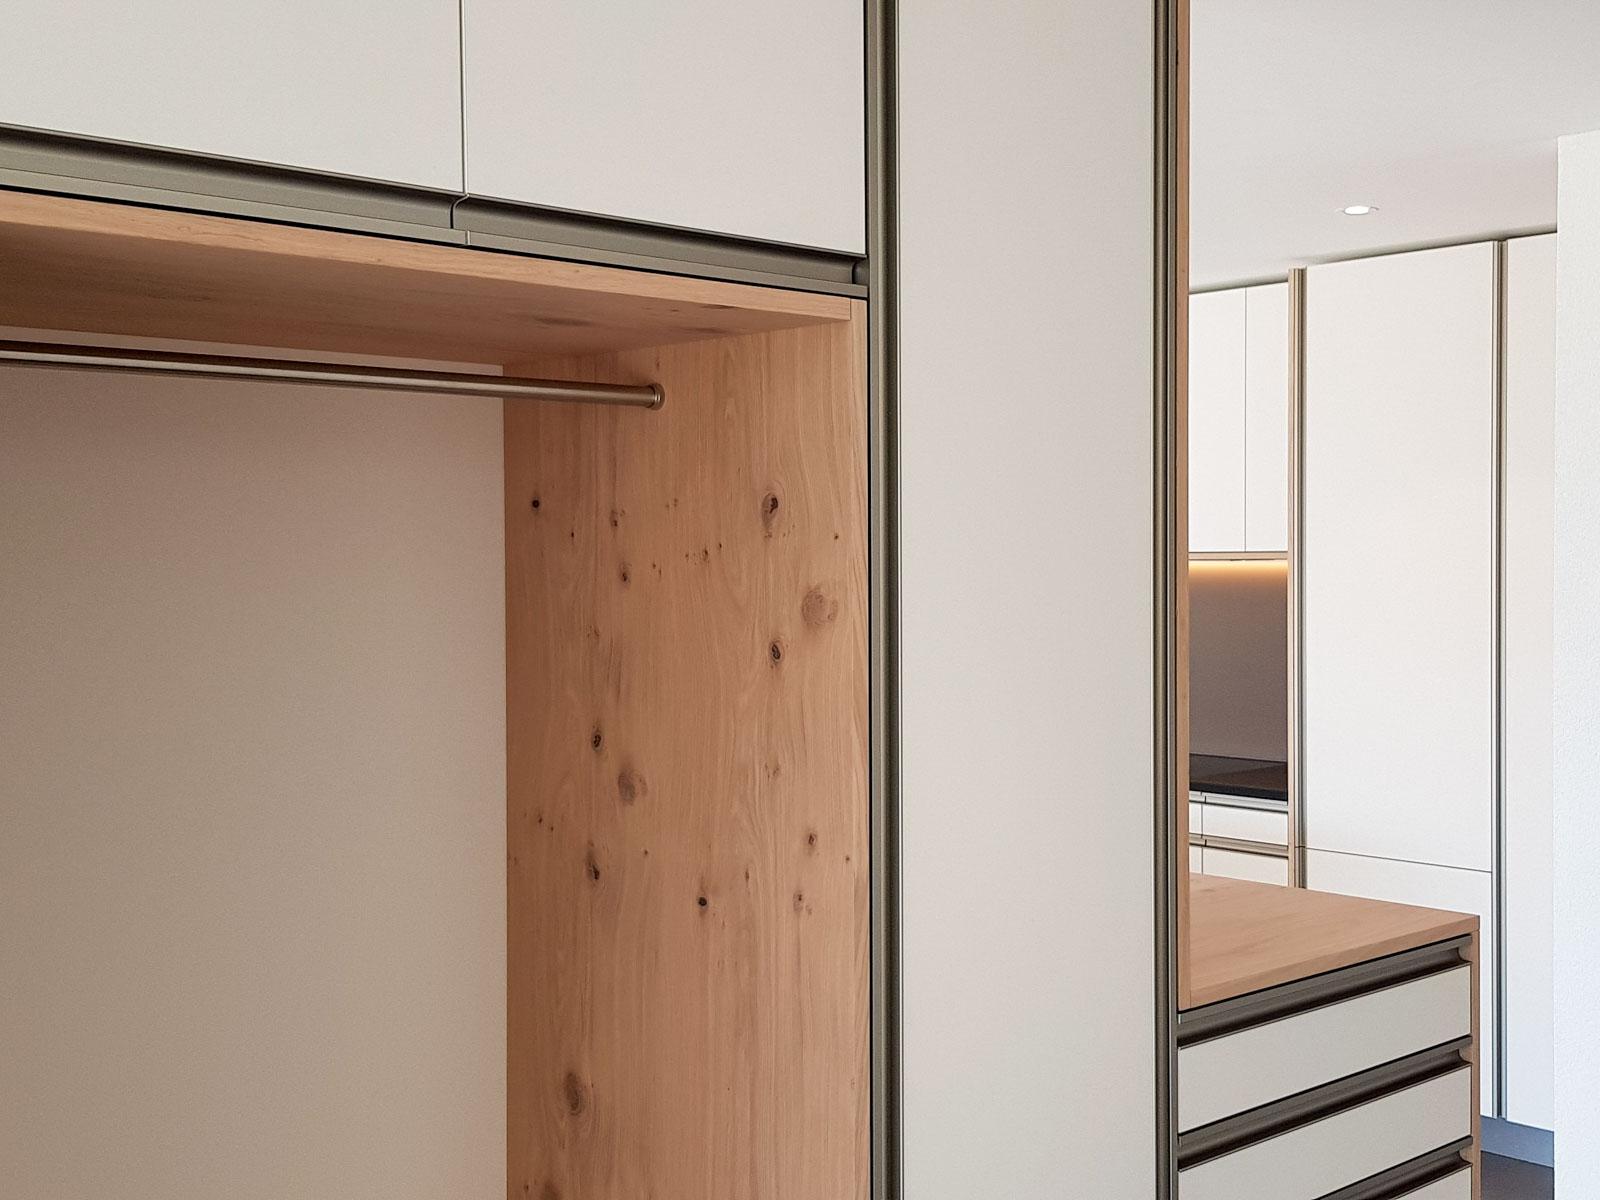 Wooddesign_Garderobe_Eiche furniert_Weisse Fronten_Schuhauszug_Schubladen_offene Gästegarderobe (6)